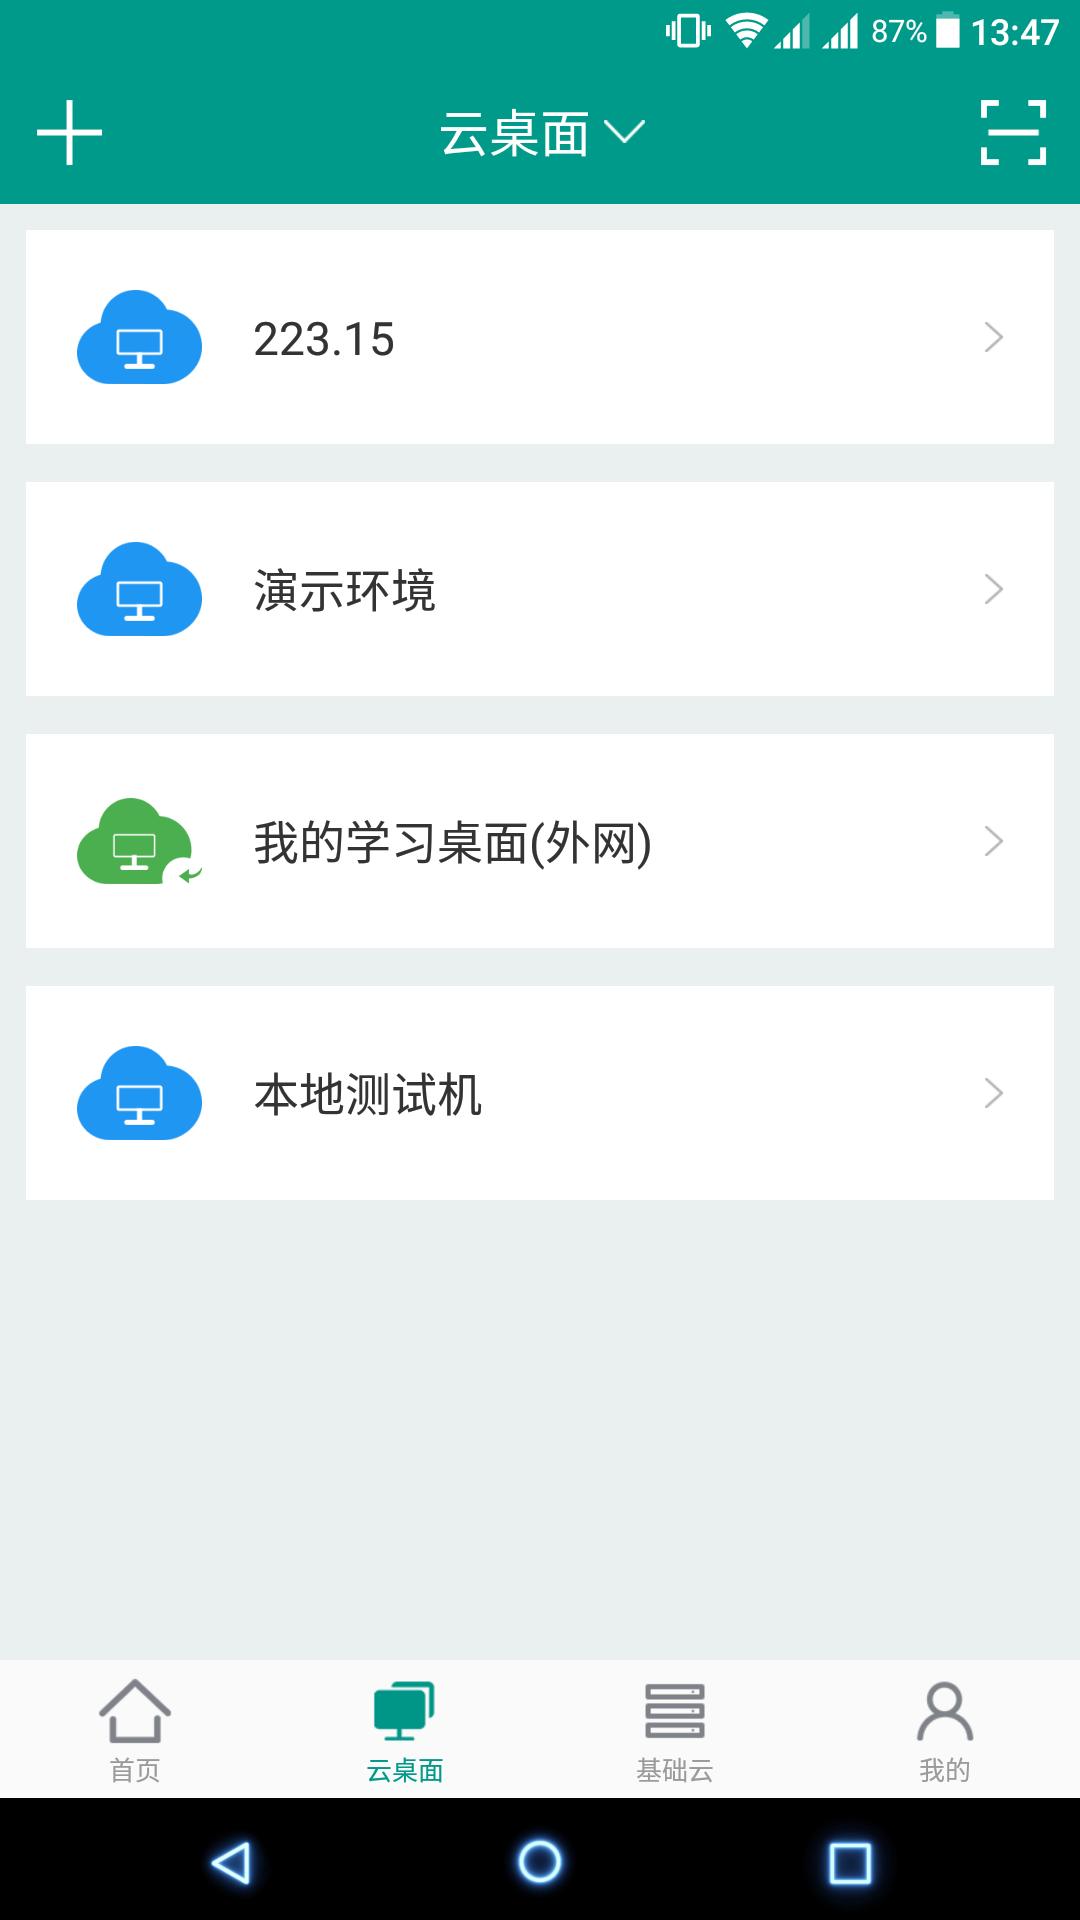 亦云小慧手机版下载(暂未上线)